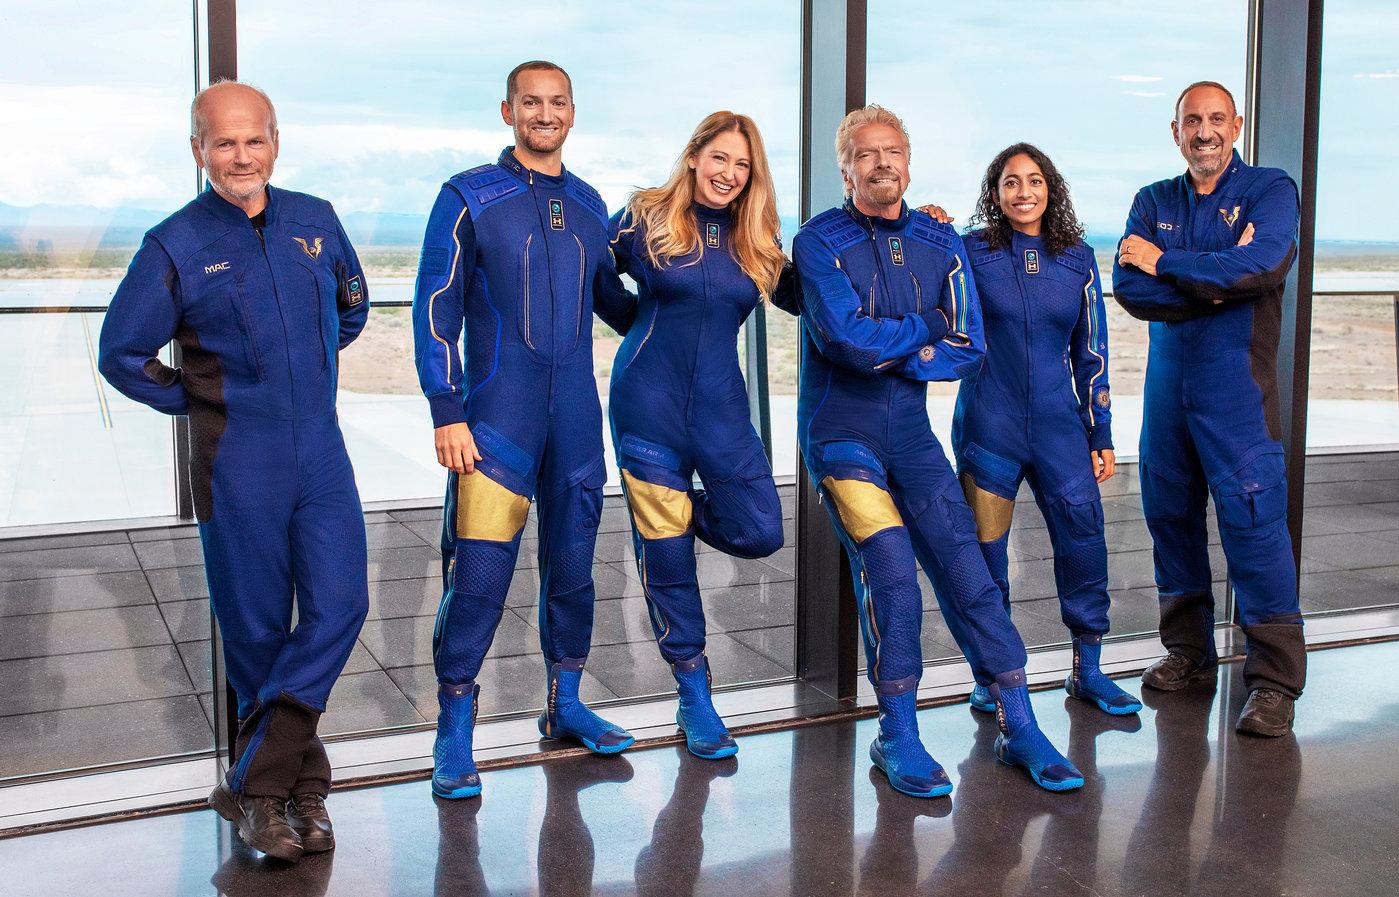 图注:本次搭乘太空船二号的成员。除了布兰森外,都是维珍银河公司的员工。